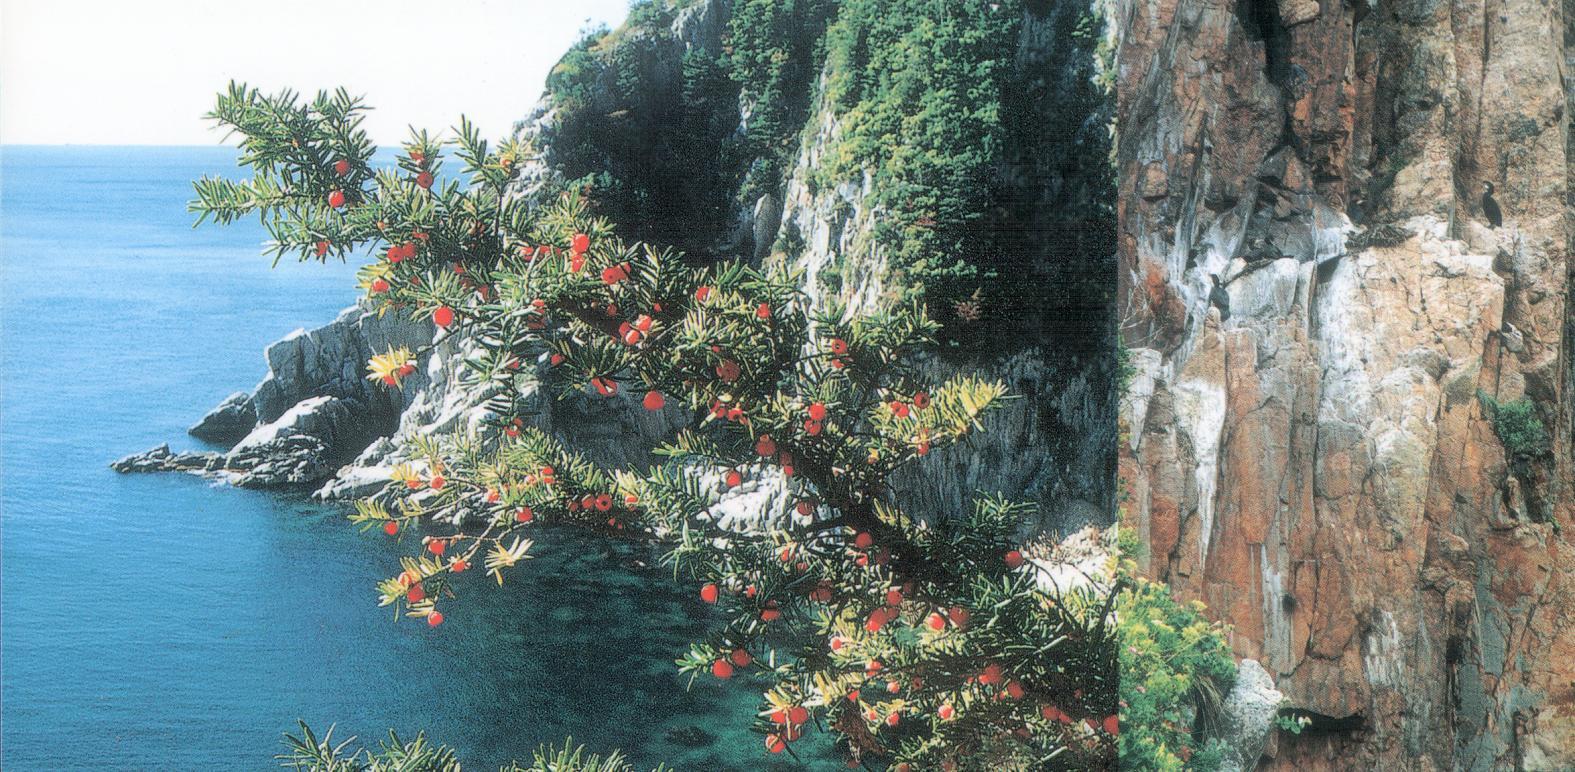 Рассказ об отдыхе на острове 9 фотография